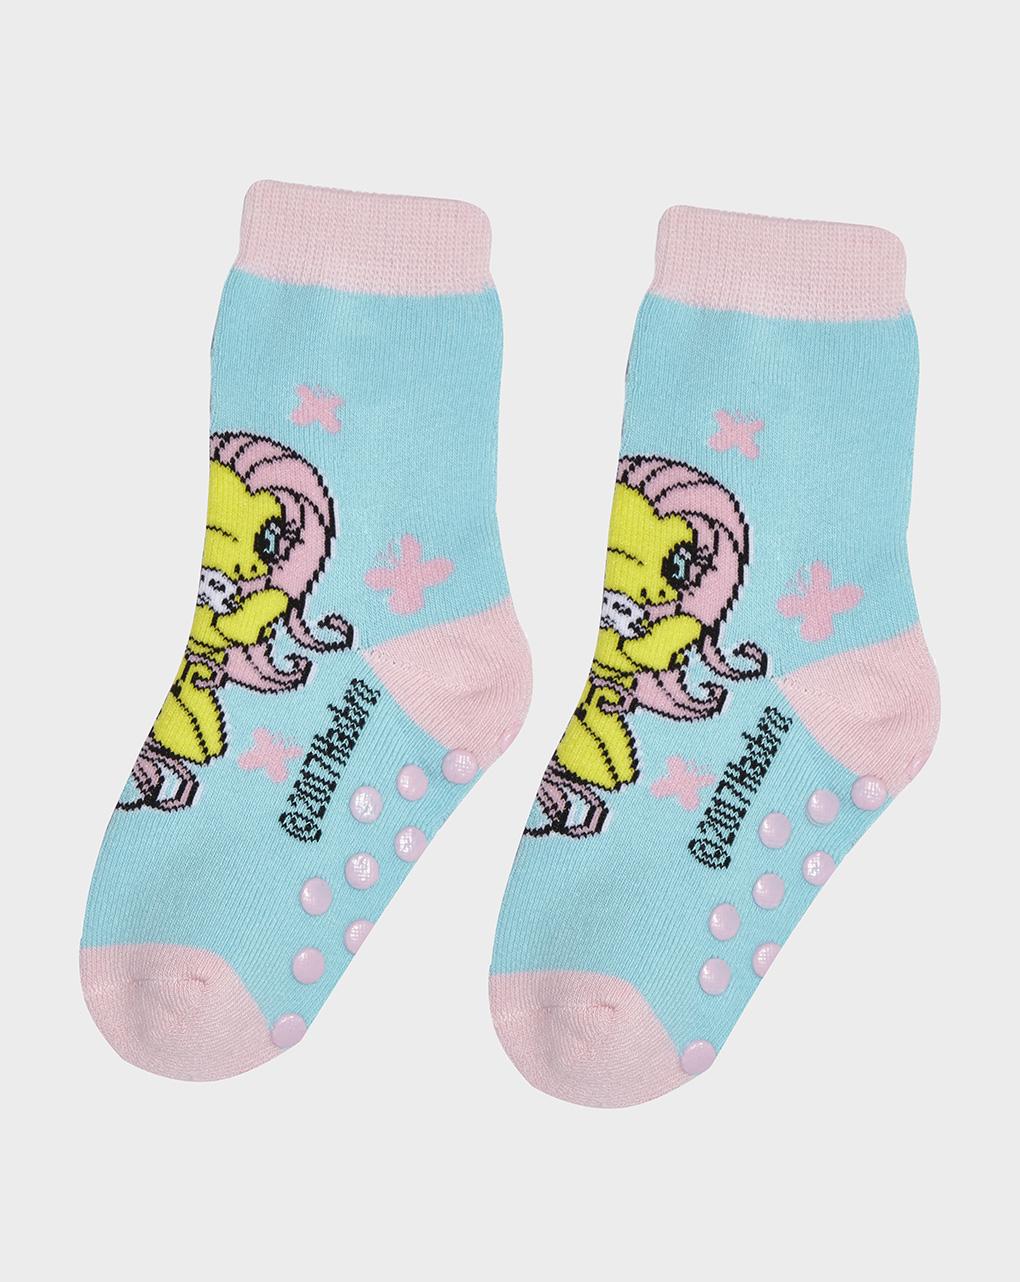 Κάλτσες Αντιολισθητικές Γαλάζιες Μικρό μου Πόνυ για Κορίτσι